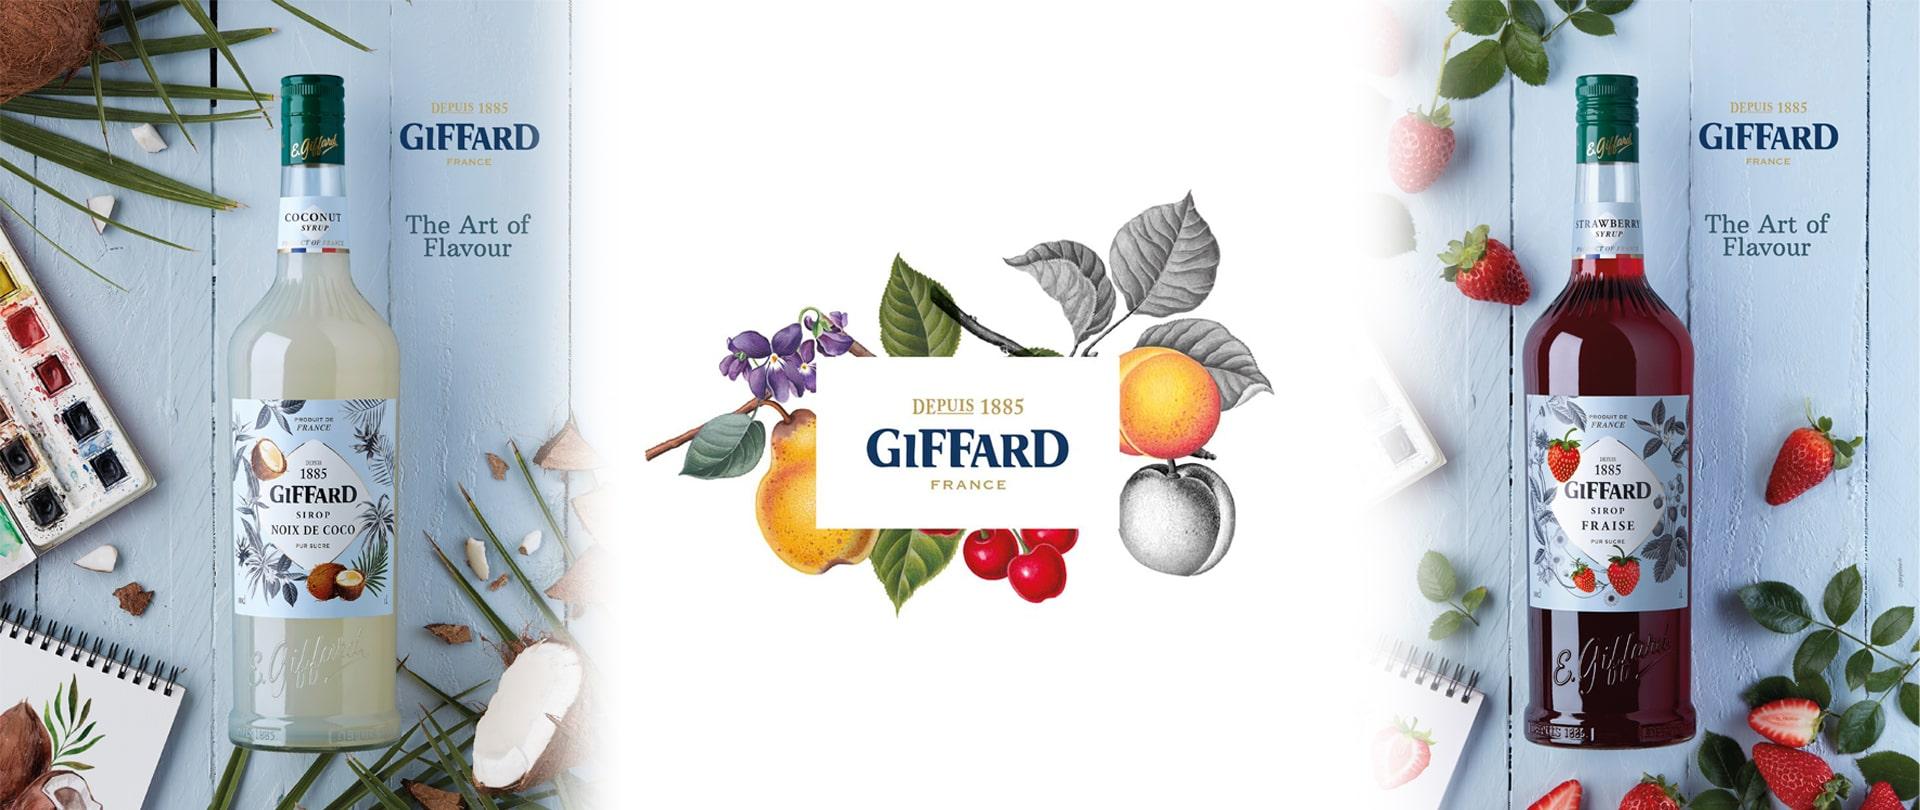 Giffard17